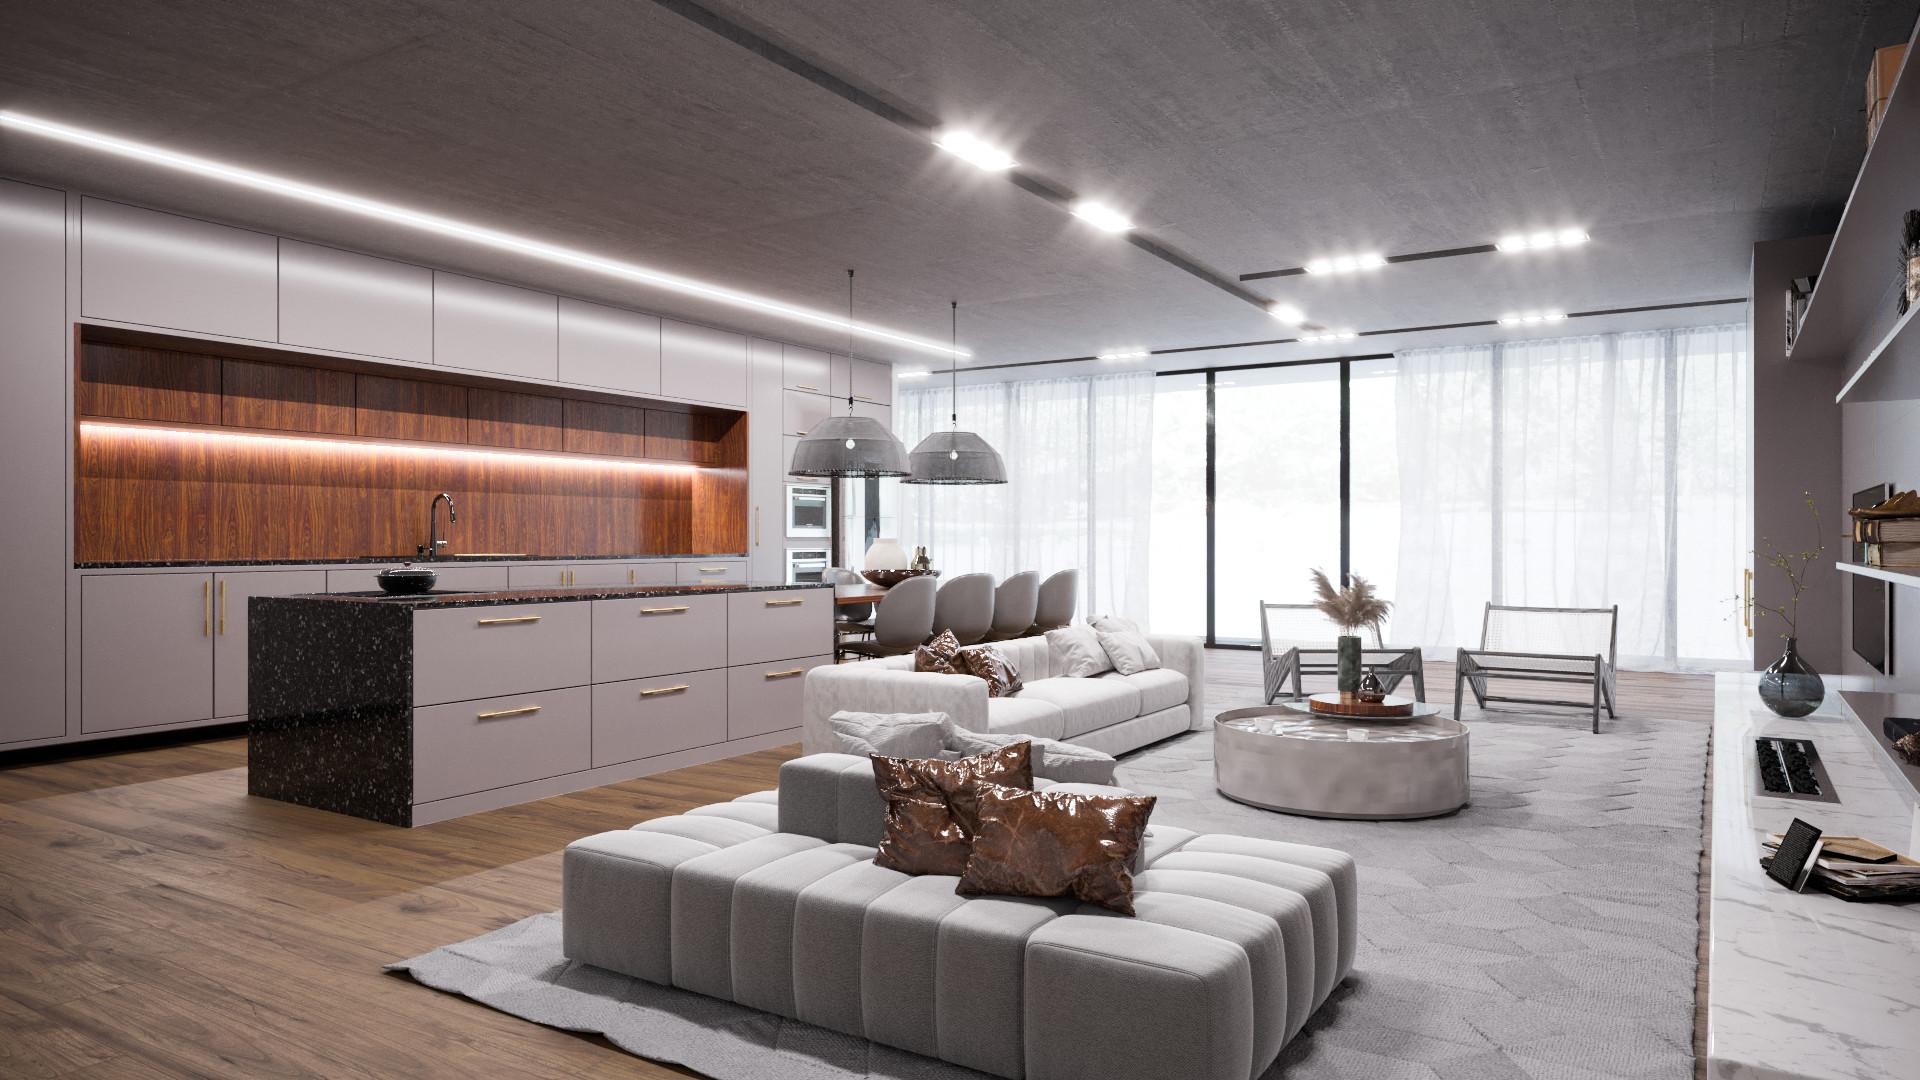 cozinha e sala integrada origens 2022